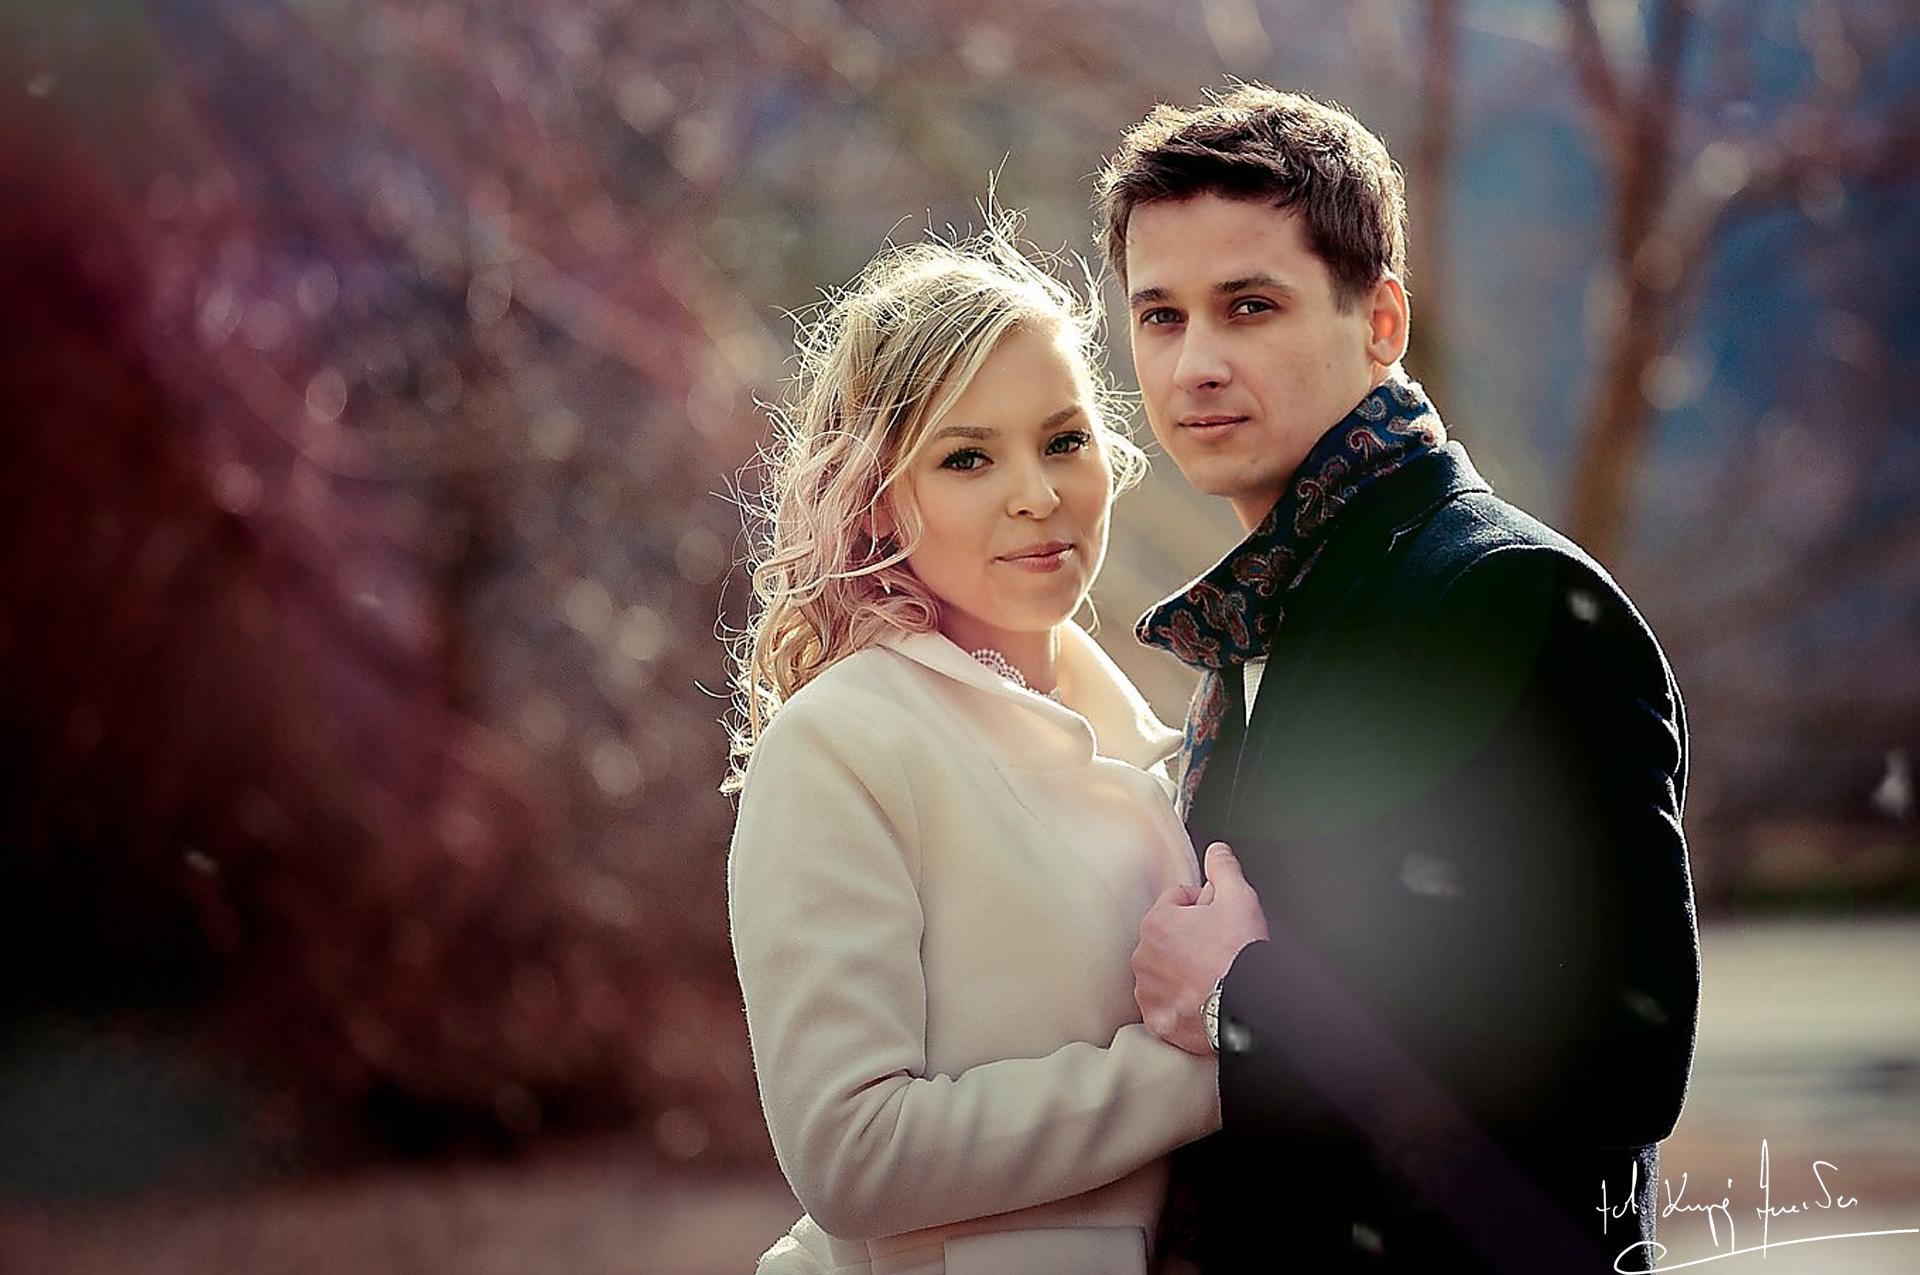 Ślub w jeleniej górze 14 Lutowy Plener z Eweliną i Mikołajem